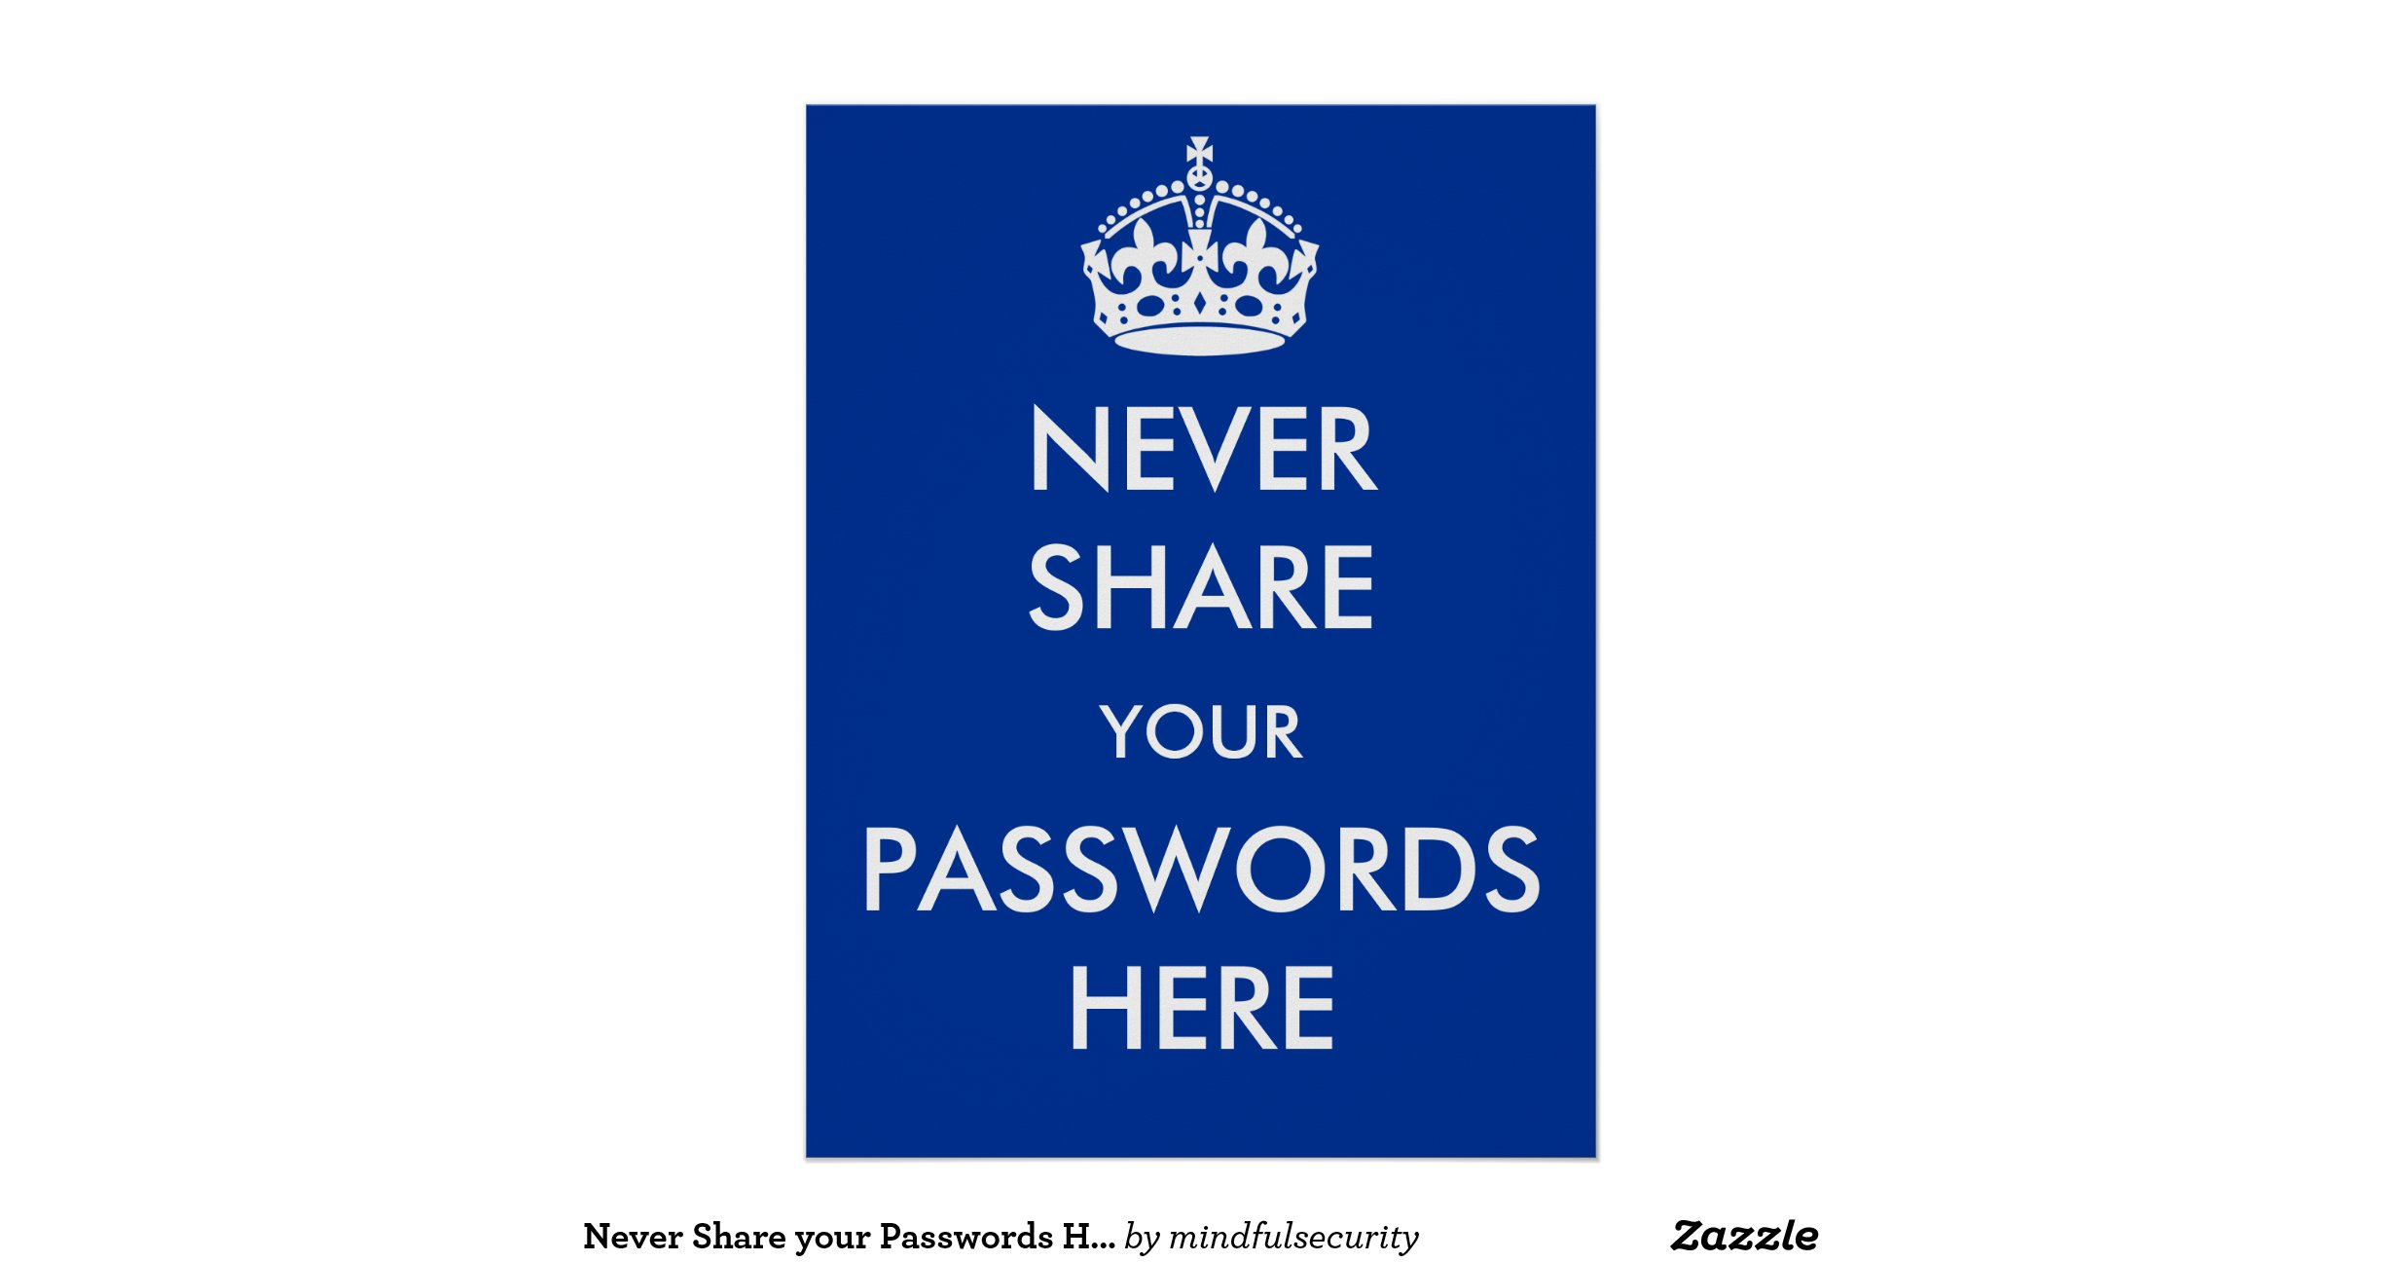 Nevershareyourpasswordshereposter